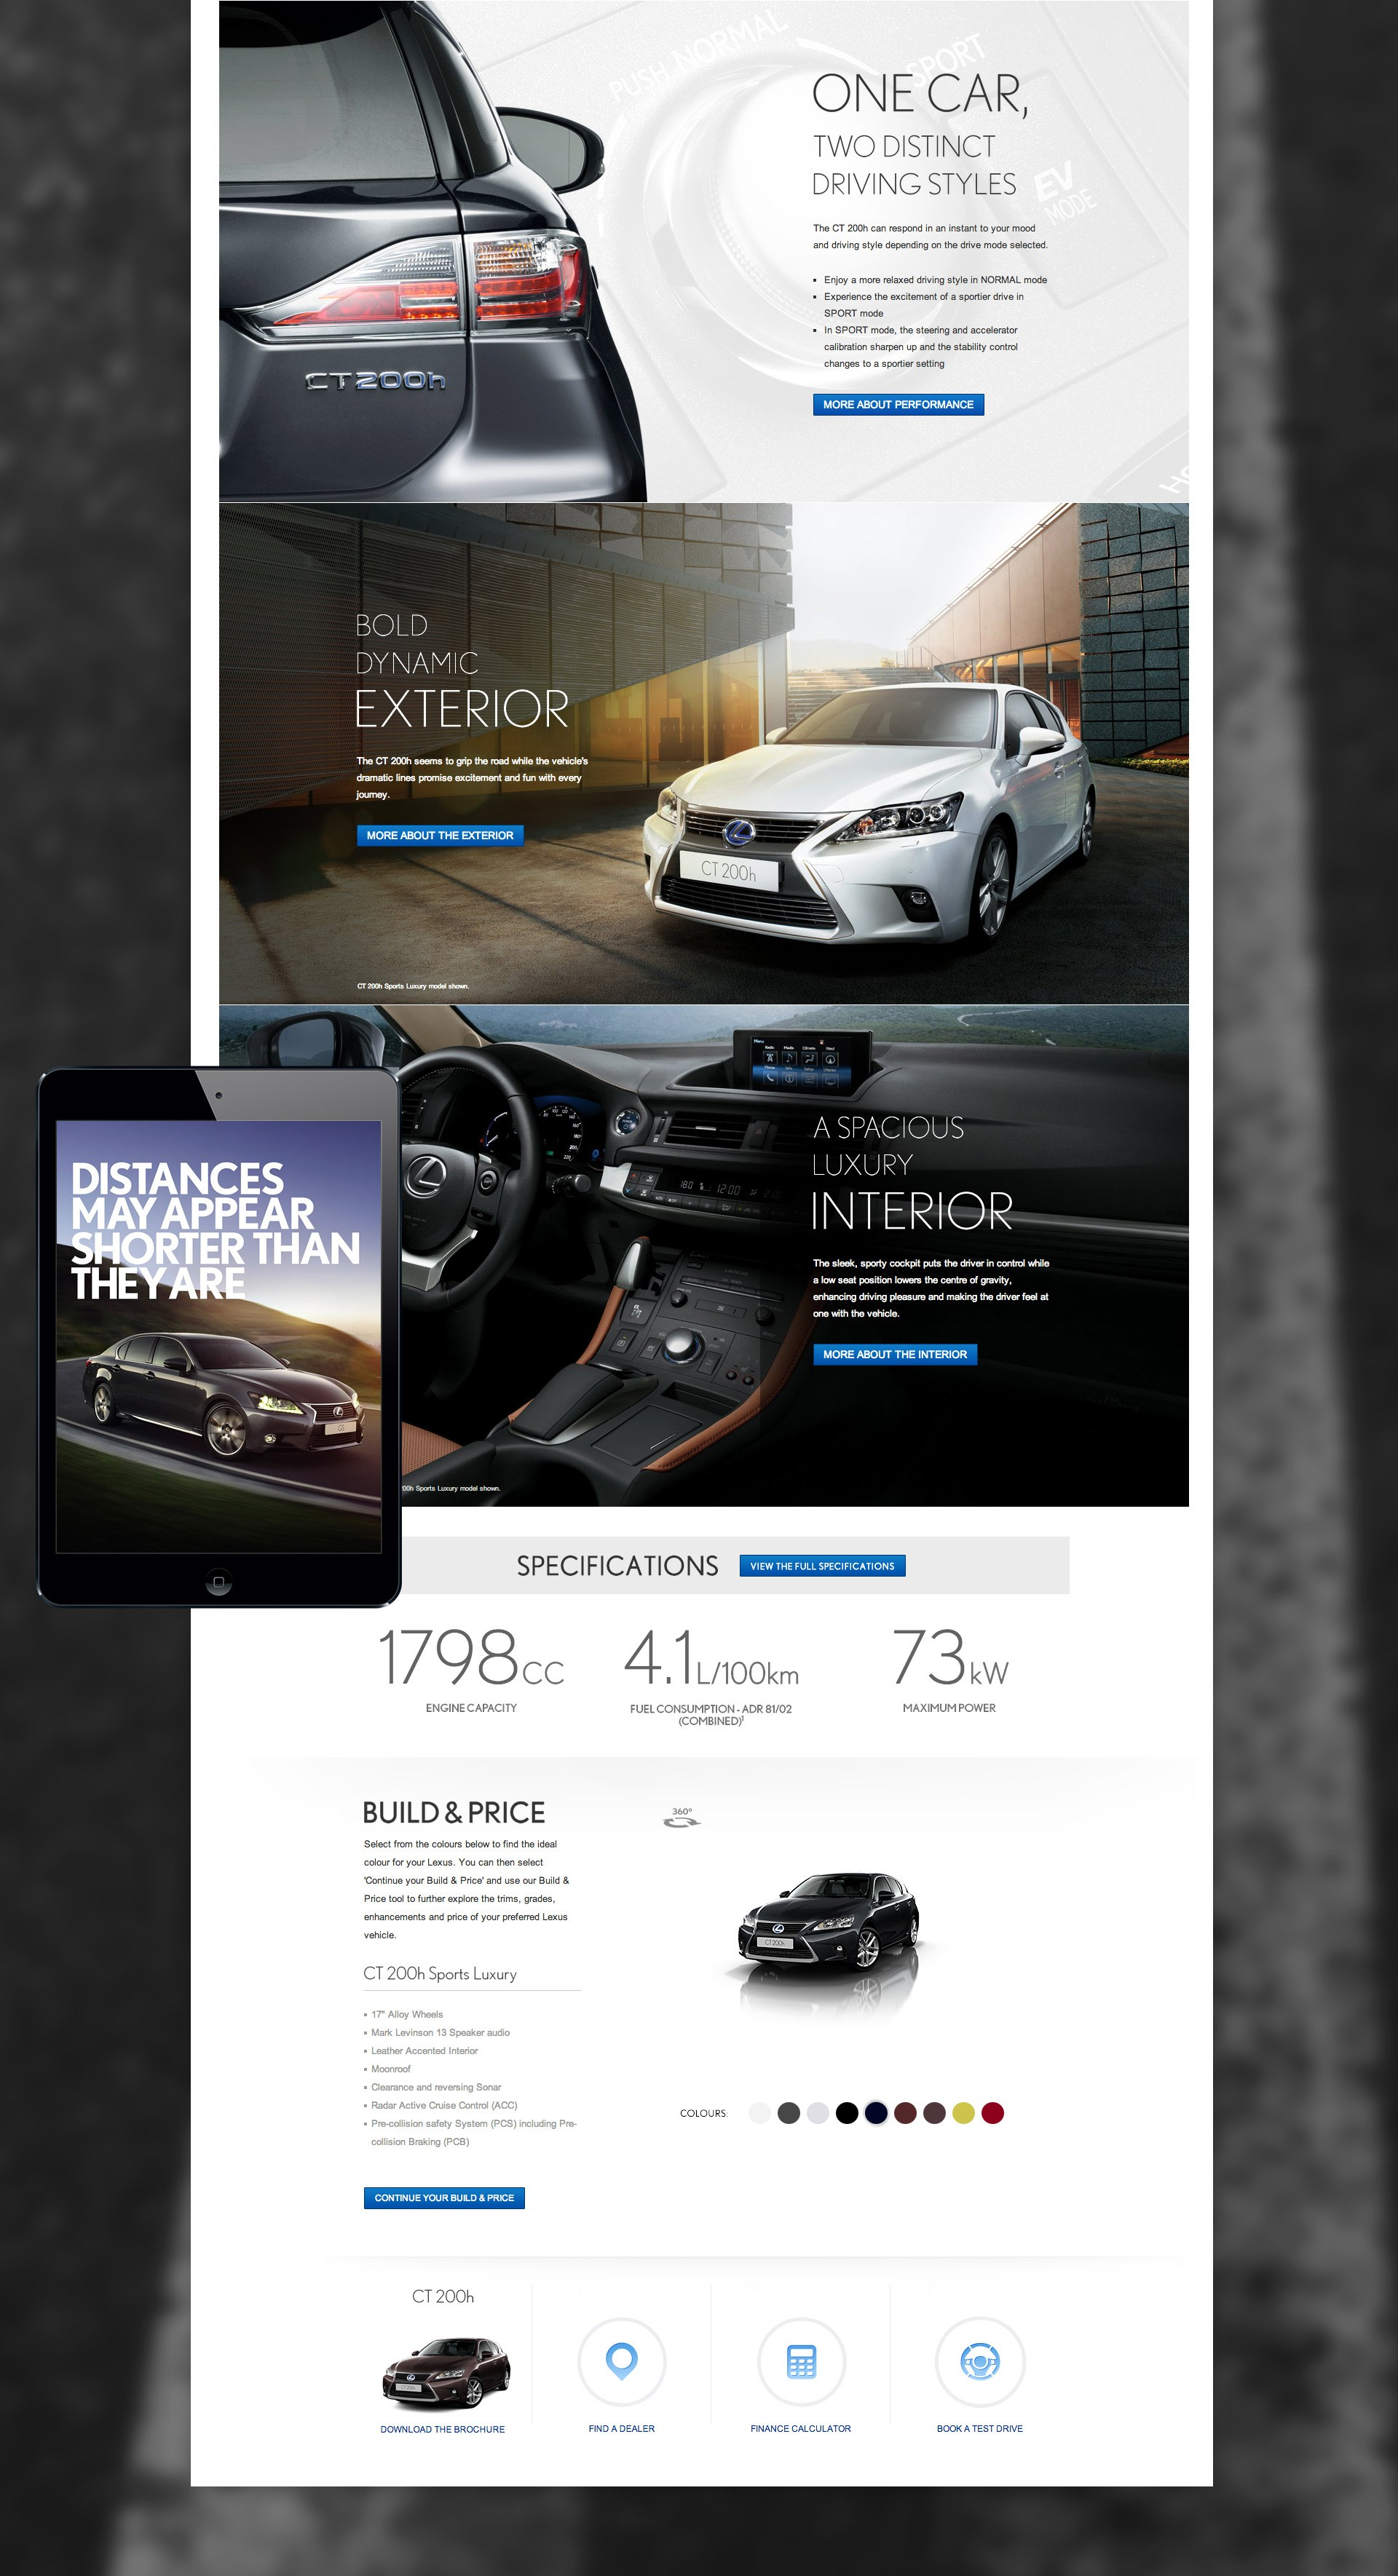 53d9e72785b7e2685ed10c6d_Lexus-Project-Part4.jpg